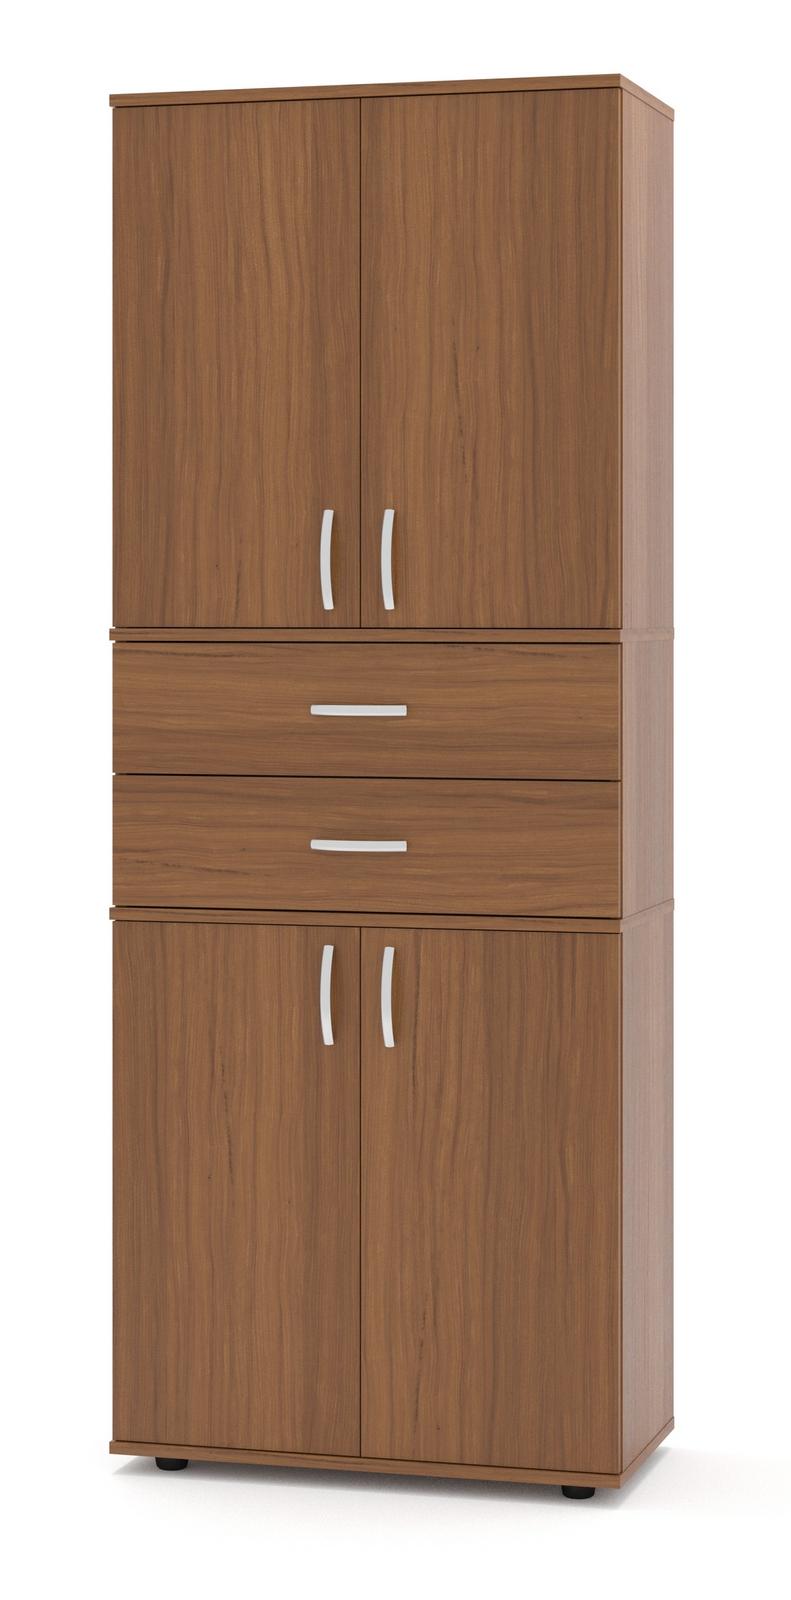 Стеллаж Сокол ШУ-24 Ноче-эккоСтеллажи для офиса<br>Габаритные размеры ВхШхГ 1827x682x372 мм. Стеллаж входит в универсальную линейку, каждая модель которой может быть дополнена дверцами (сверху и снизу) и ящиками (по центру).  Для этого на боковых стенках есть присадки (небольшие несквозные углубления), которые предназначены для крепления дверей и ящиков.  В каталоге вы можете выбрать наиболее подходящую комплектацию.  Модель ШУ-24 полностью закрытая, поставляется с верхними и нижними дверками, и двумя ящиками. Изделие оснащено пластиковыми ножками, предотвращающими размокание ДСП вследствие влажной уборки напольного покрытия. Ручки на дверях и ящиках пластиковые.  Обратите внимание! Задняя стенка стеллажа с внутренней стороны выполнена из ДВП серого цвета. Корпус и полки стеллажа изготовлены из качественного ламинированного ДСП толщиной 16 мм, самого популярного материала для производства корпусной мебели, обеспечивающего необходимую прочность и долговечность деталей. Изделие поставляется в разобранном виде.  Хорошо упаковано в гофротару вместе с необходимой фурнитурой для сборки и подробной инструкцией.  Рекомендуем сохранить инструкцию по сборке (паспорт изделия) до истечения гарантийного срока.<br><br>Цвет: Ноче-экко<br>Цвет: Коричневое дерево<br>Высота мм: 1827<br>Ширина мм: 682<br>Глубина мм: 372<br>Кол-во упаковок: 4<br>Форма поставки: В разобранном виде<br>Срок гарантии: 24 месяца<br>Тип: Закрытые<br>Материал: Деревянные, из ЛДСП<br>Размер: Узкие<br>Особенности: С ящиками